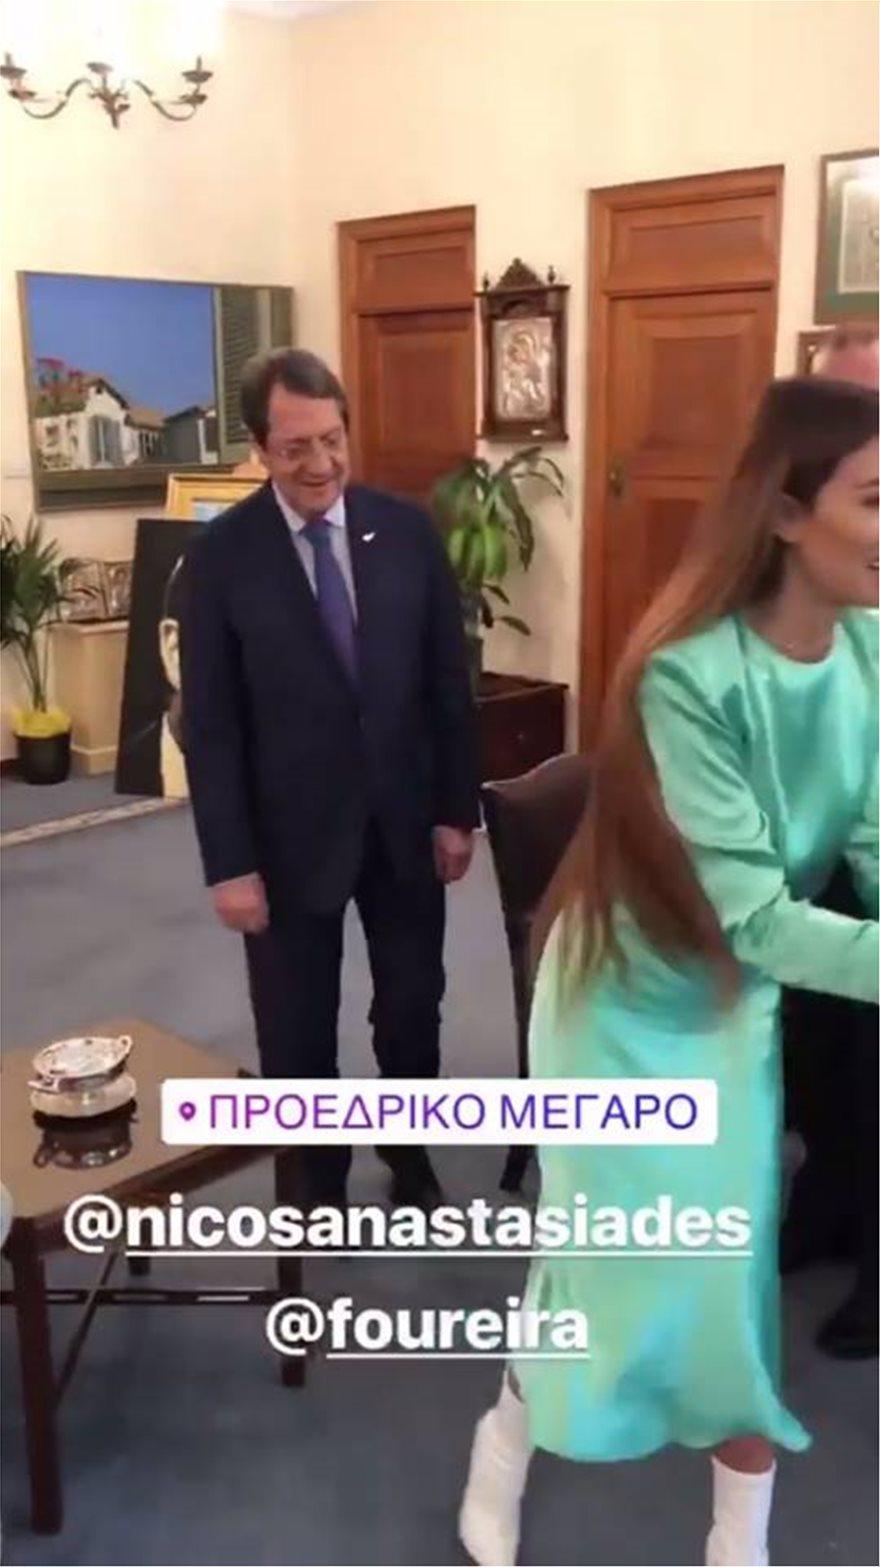 Κύπρος 2018 (επέλεξε τραγούδι) - Σελίδα 26 Foureiramegaro1